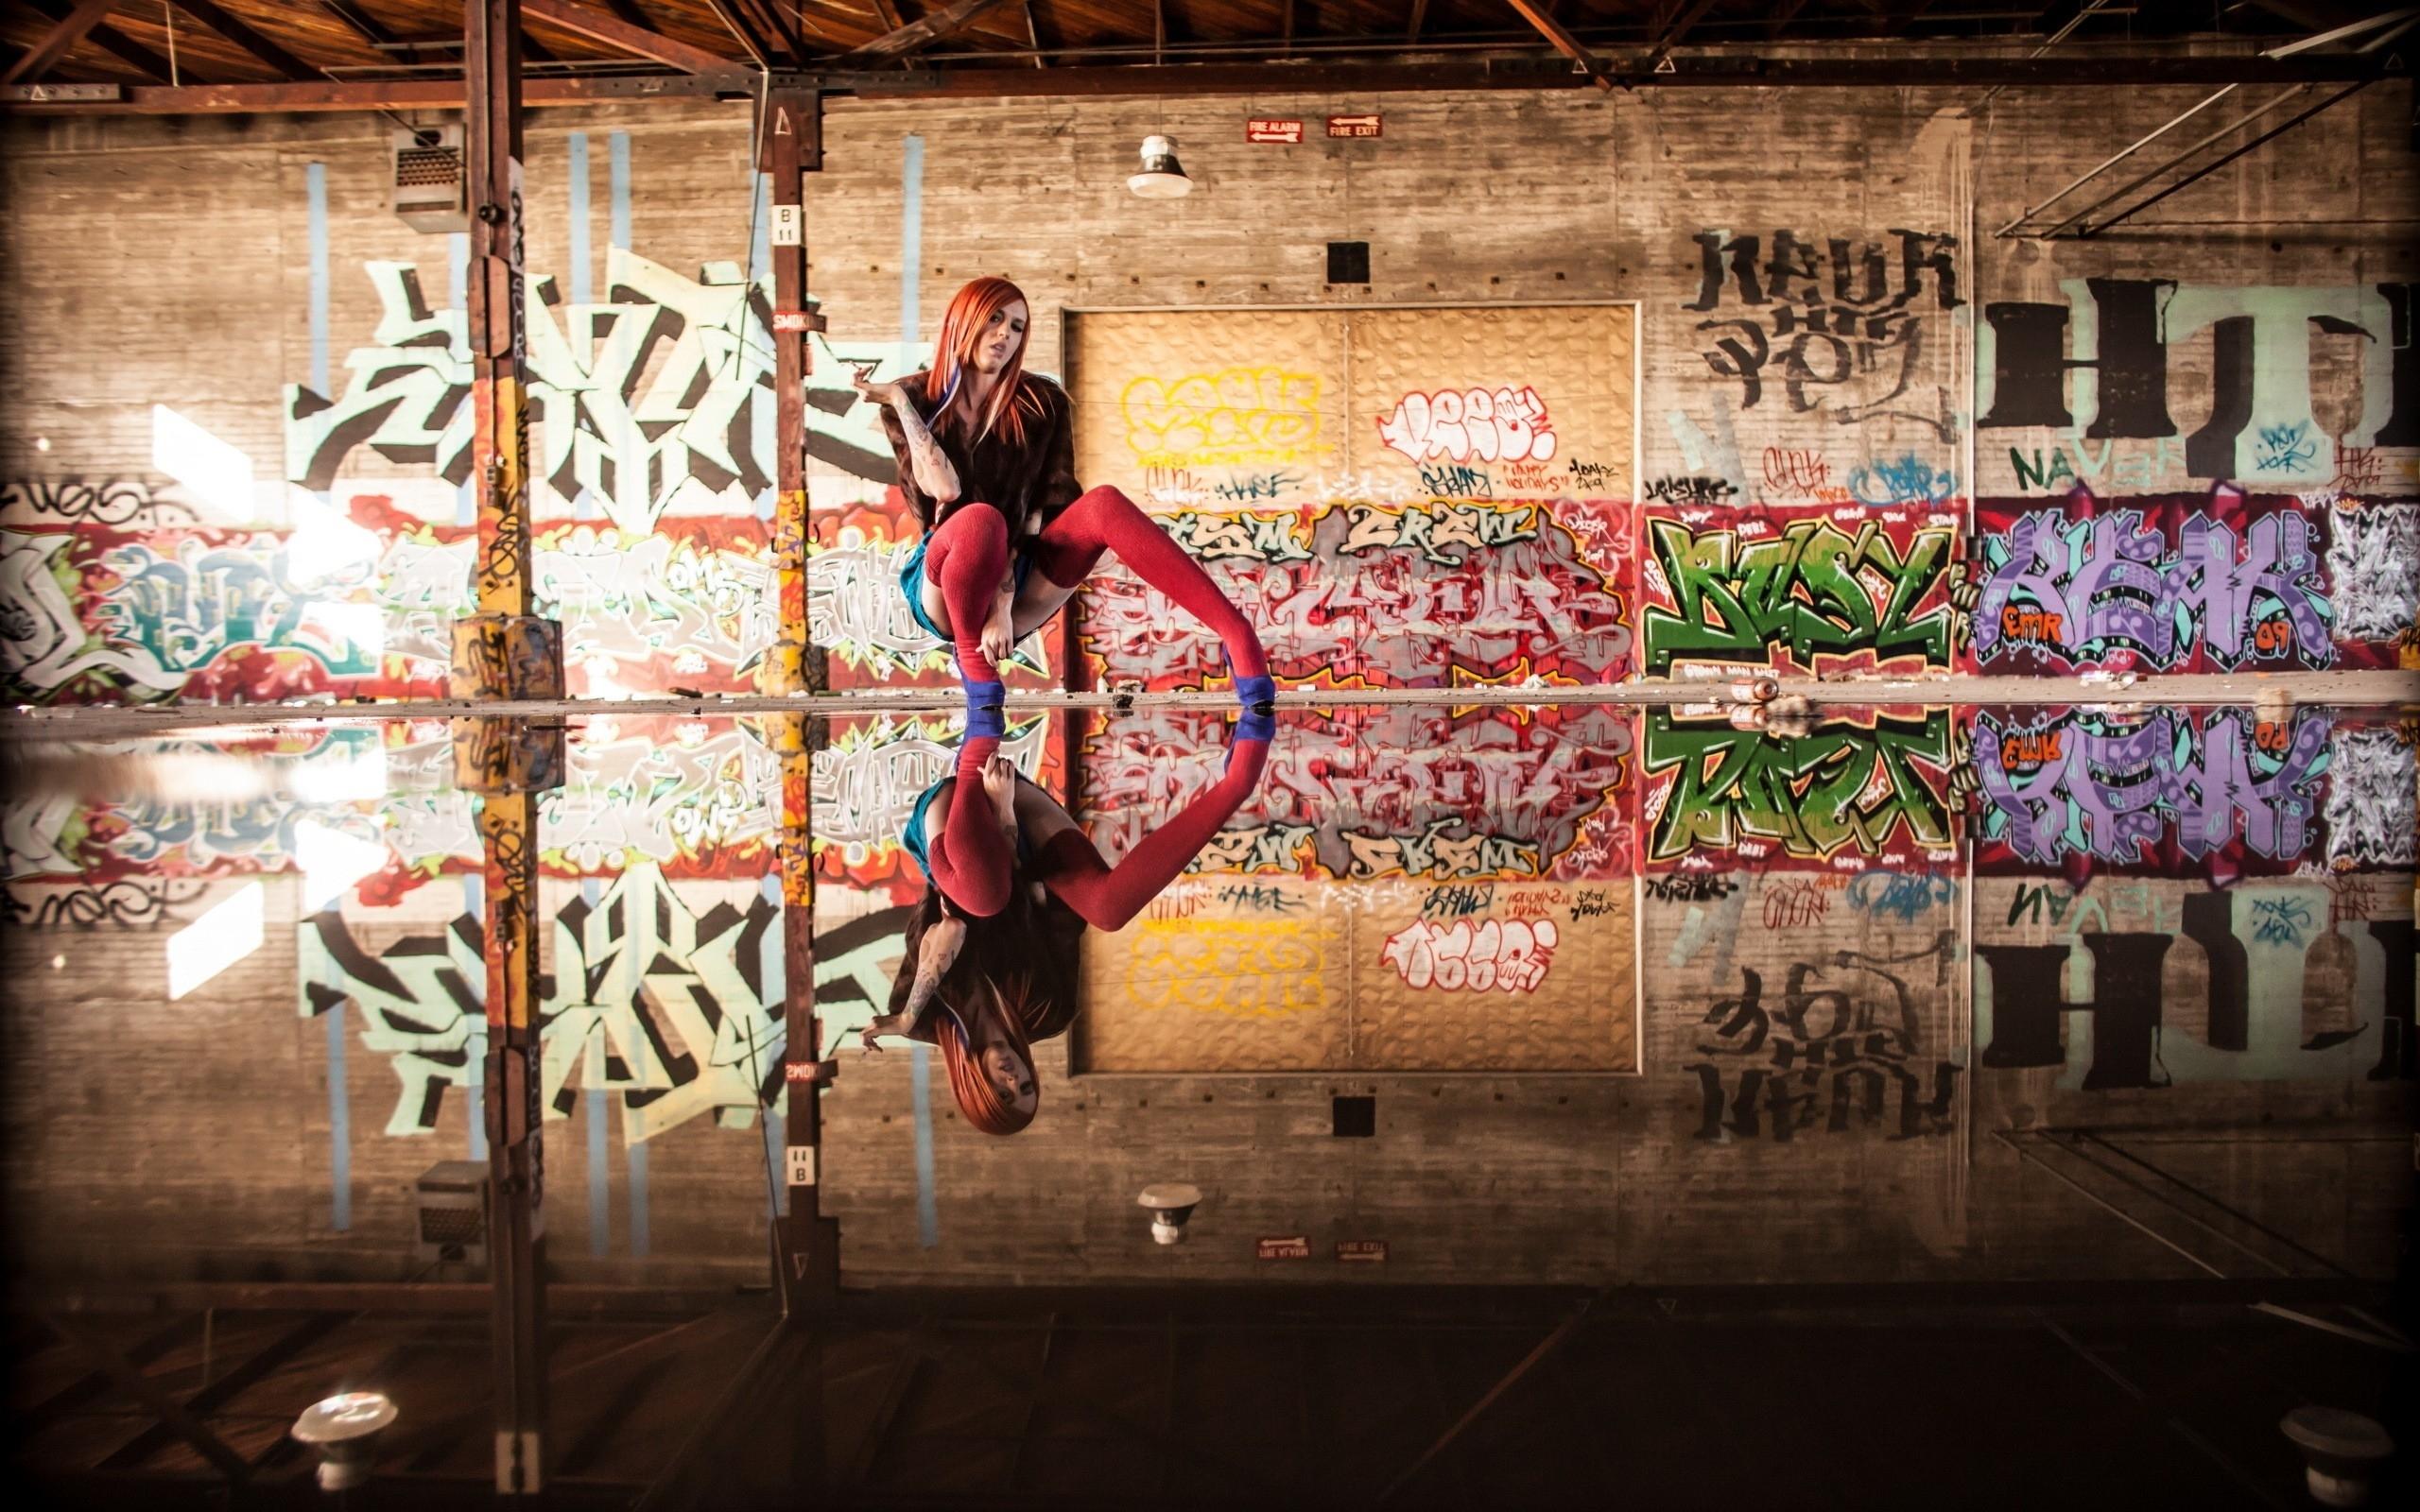 Shutterstock Hd Wallpapers Graffiti City Wallpapers Hd Download Free Pixelstalk Net